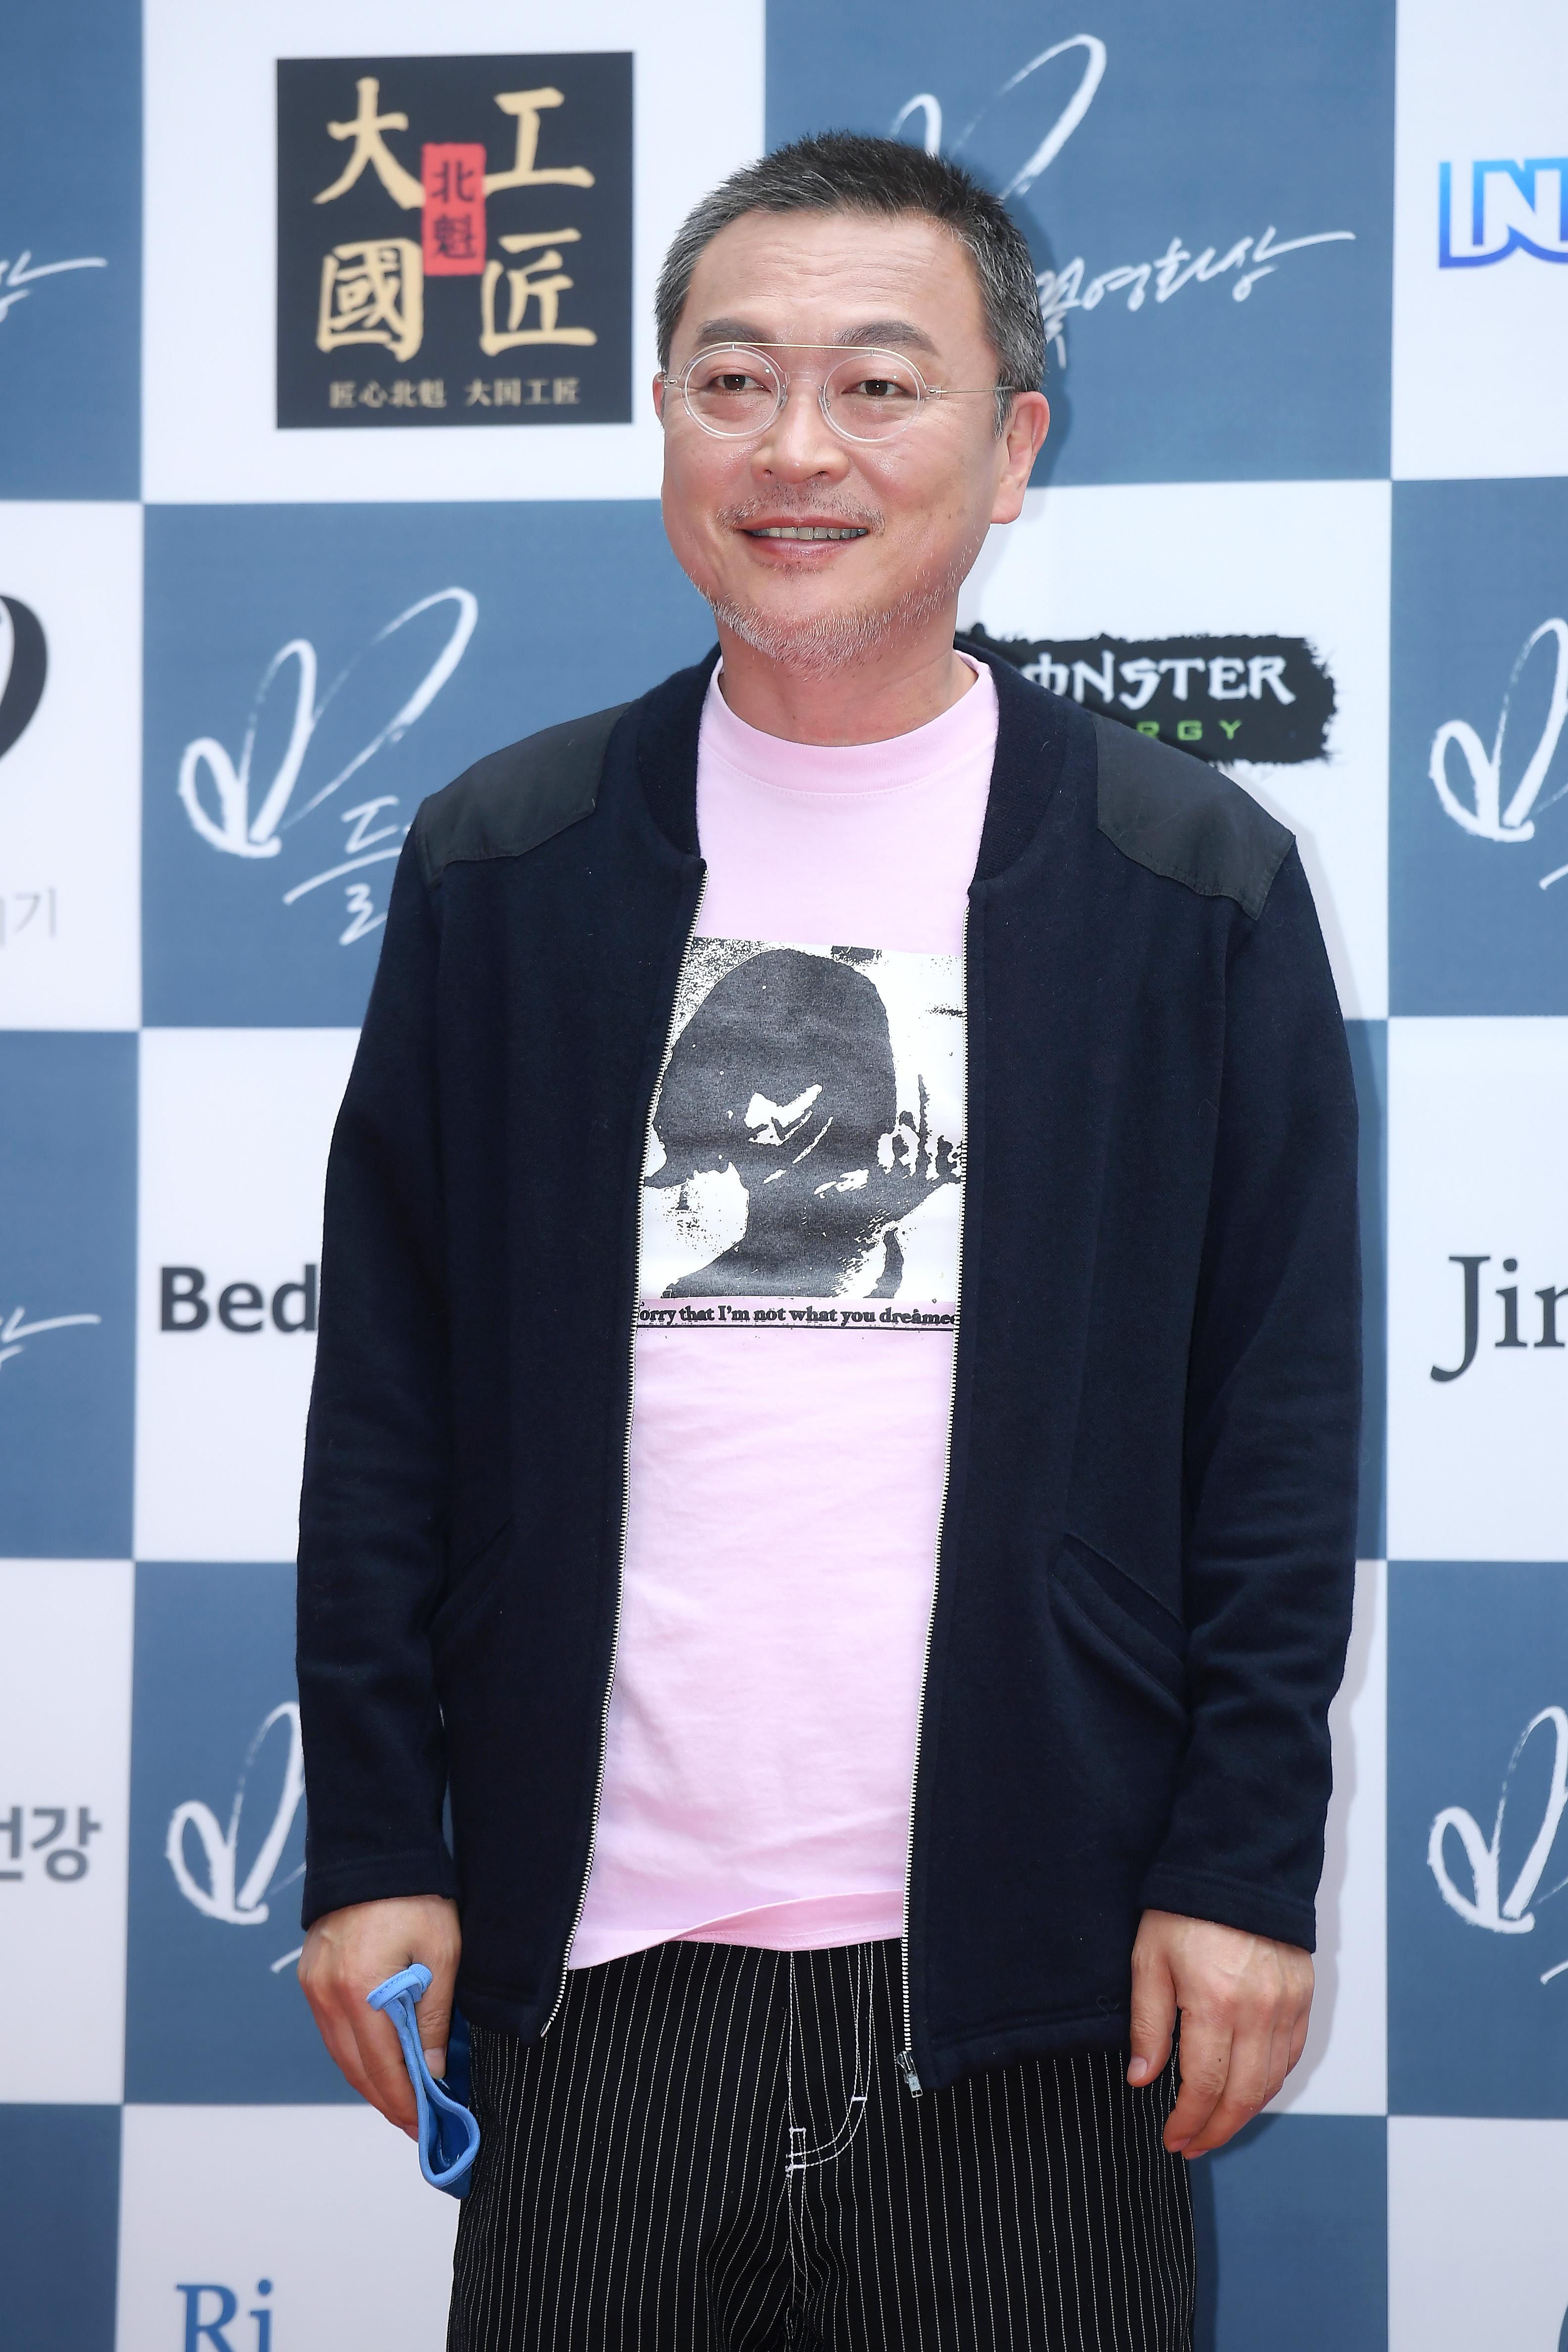 [단독] 김의성, 애플TV 신작 촬영차 미국行…앤 해서웨이와 호흡